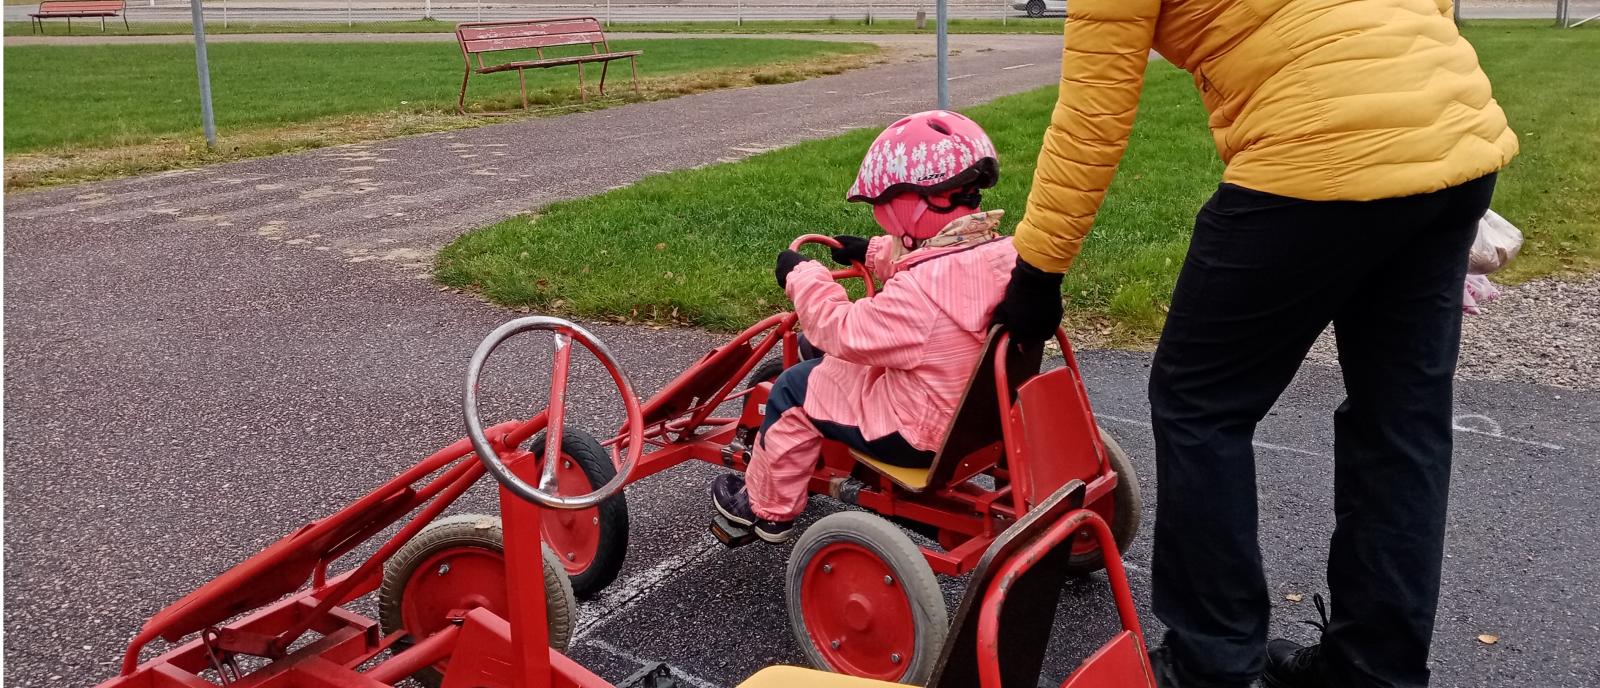 Lapsi polkuautossa ja vanhempi seisoo takana